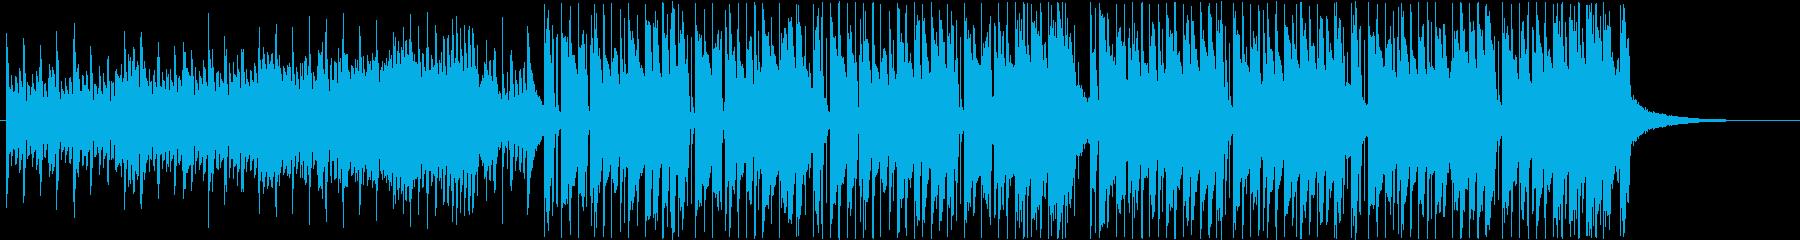 クールで少し悪そうなEDM/ベースハウスの再生済みの波形